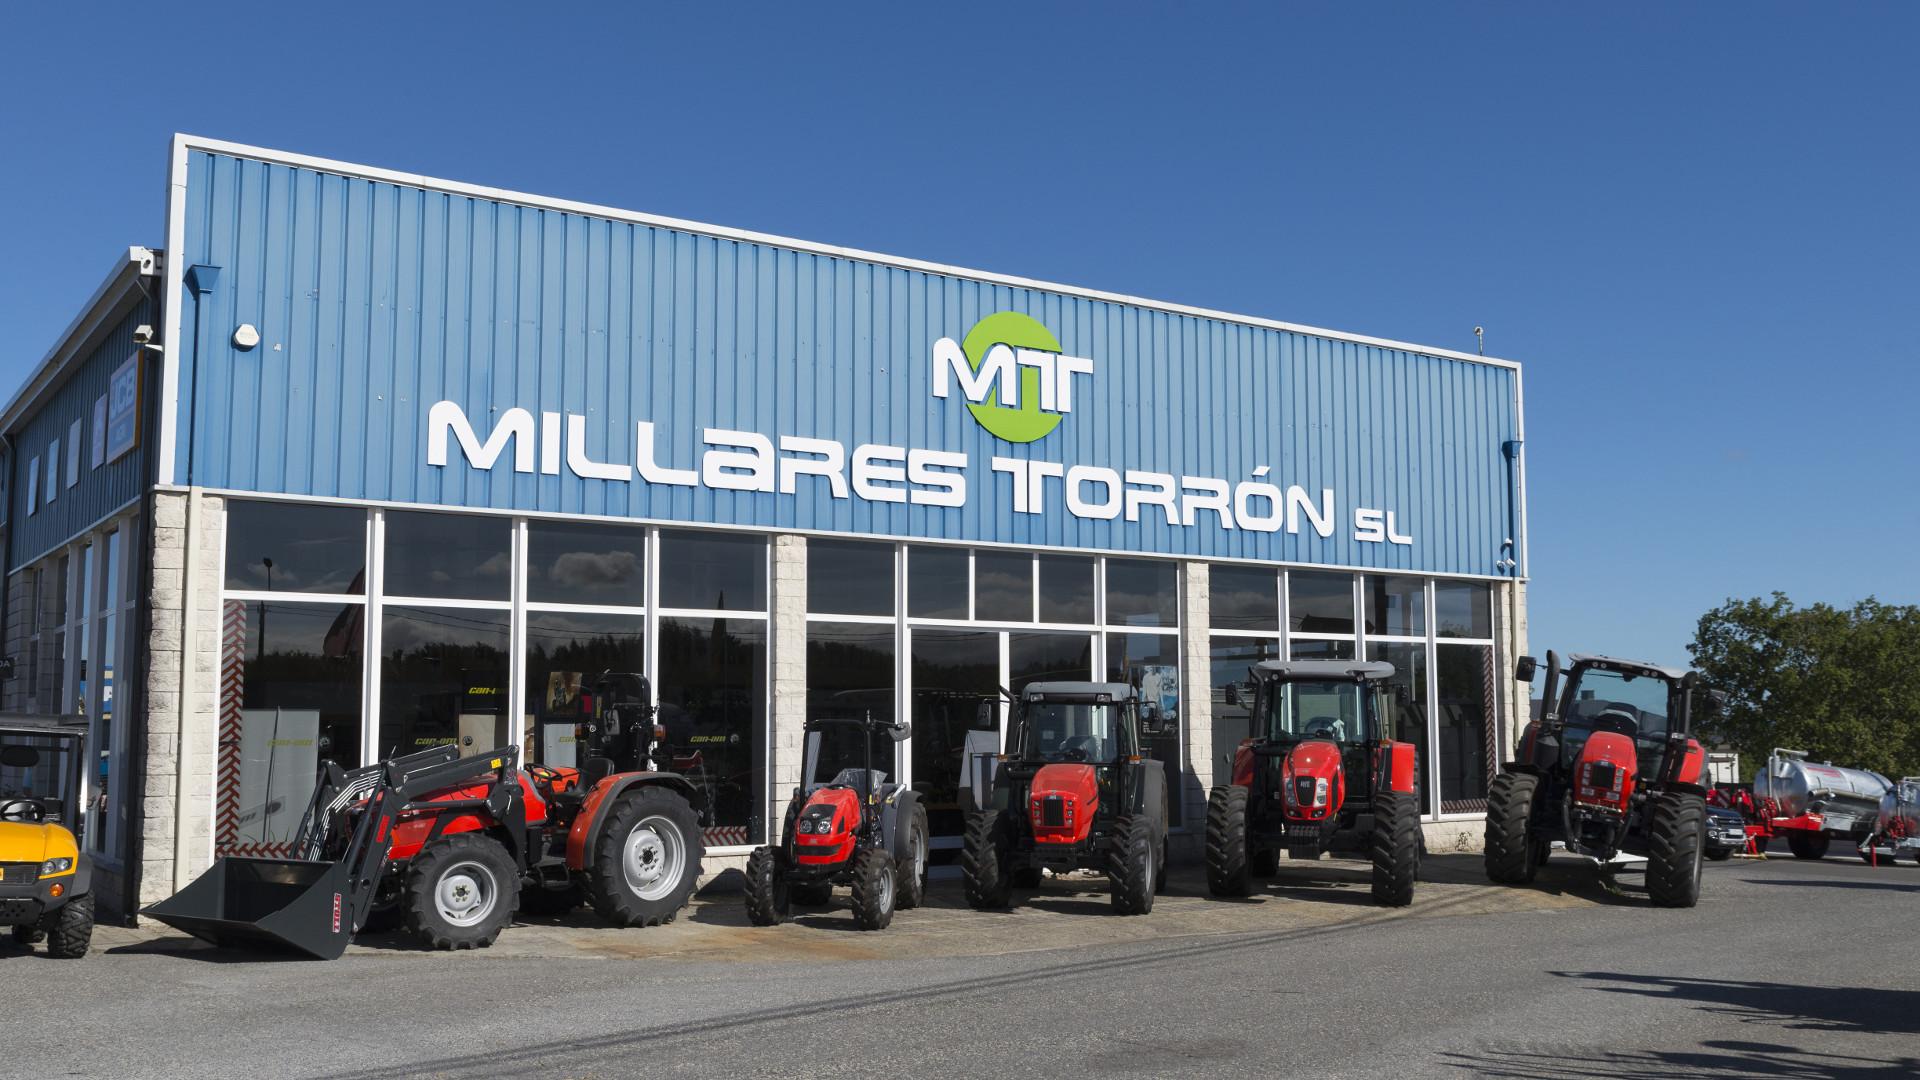 millares-torron-slide-01